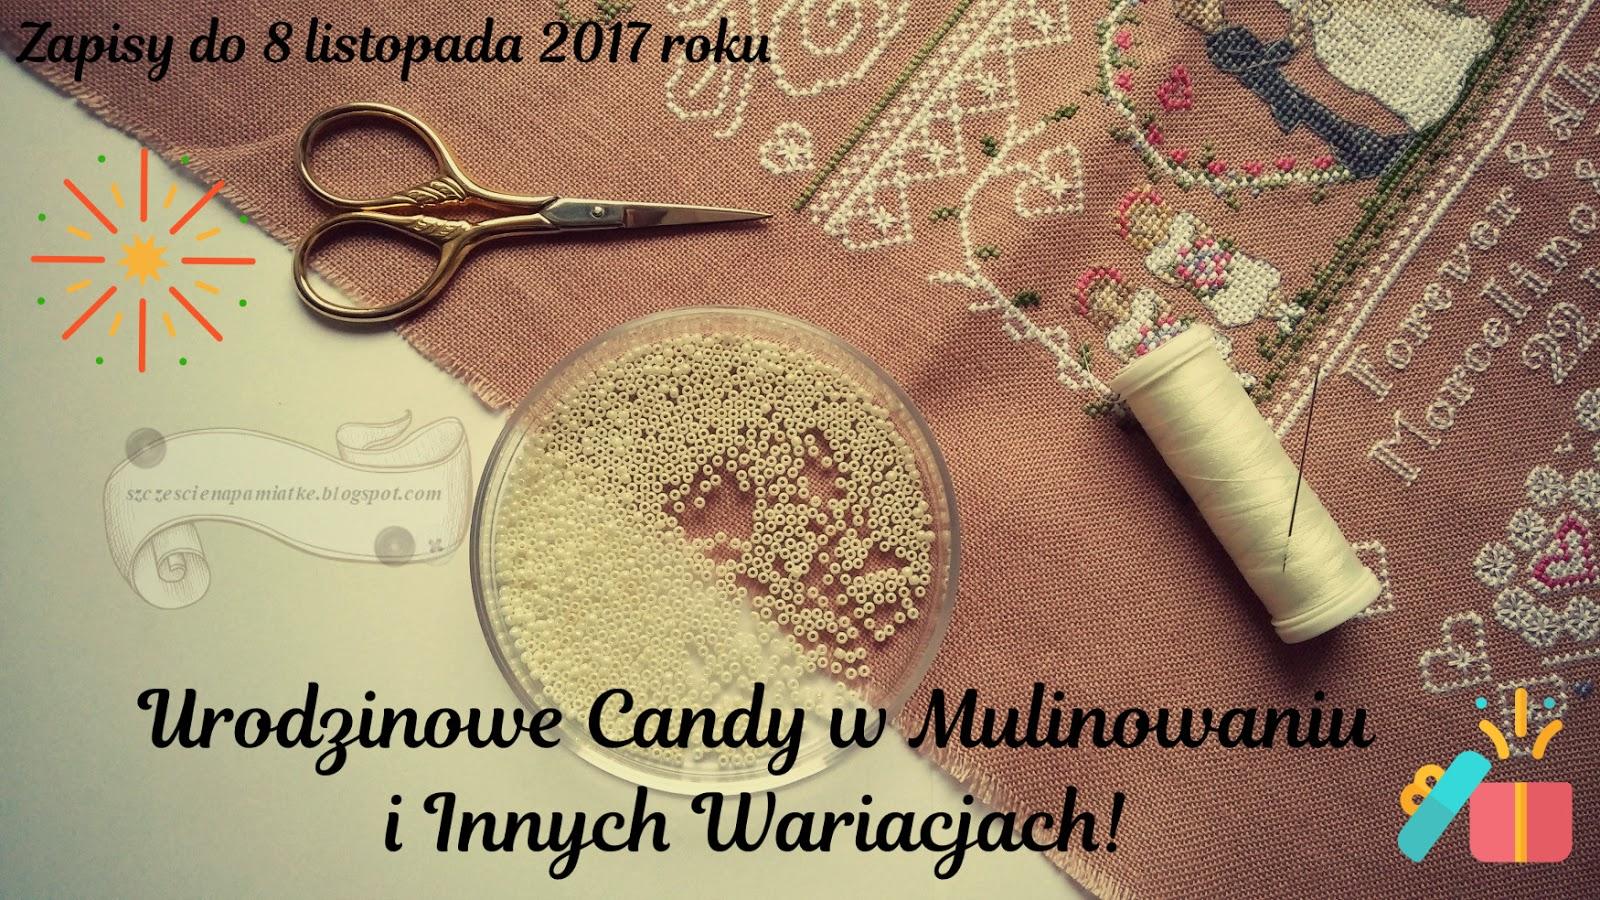 Mulinowanie i inne wariactwa zaprasza na candy